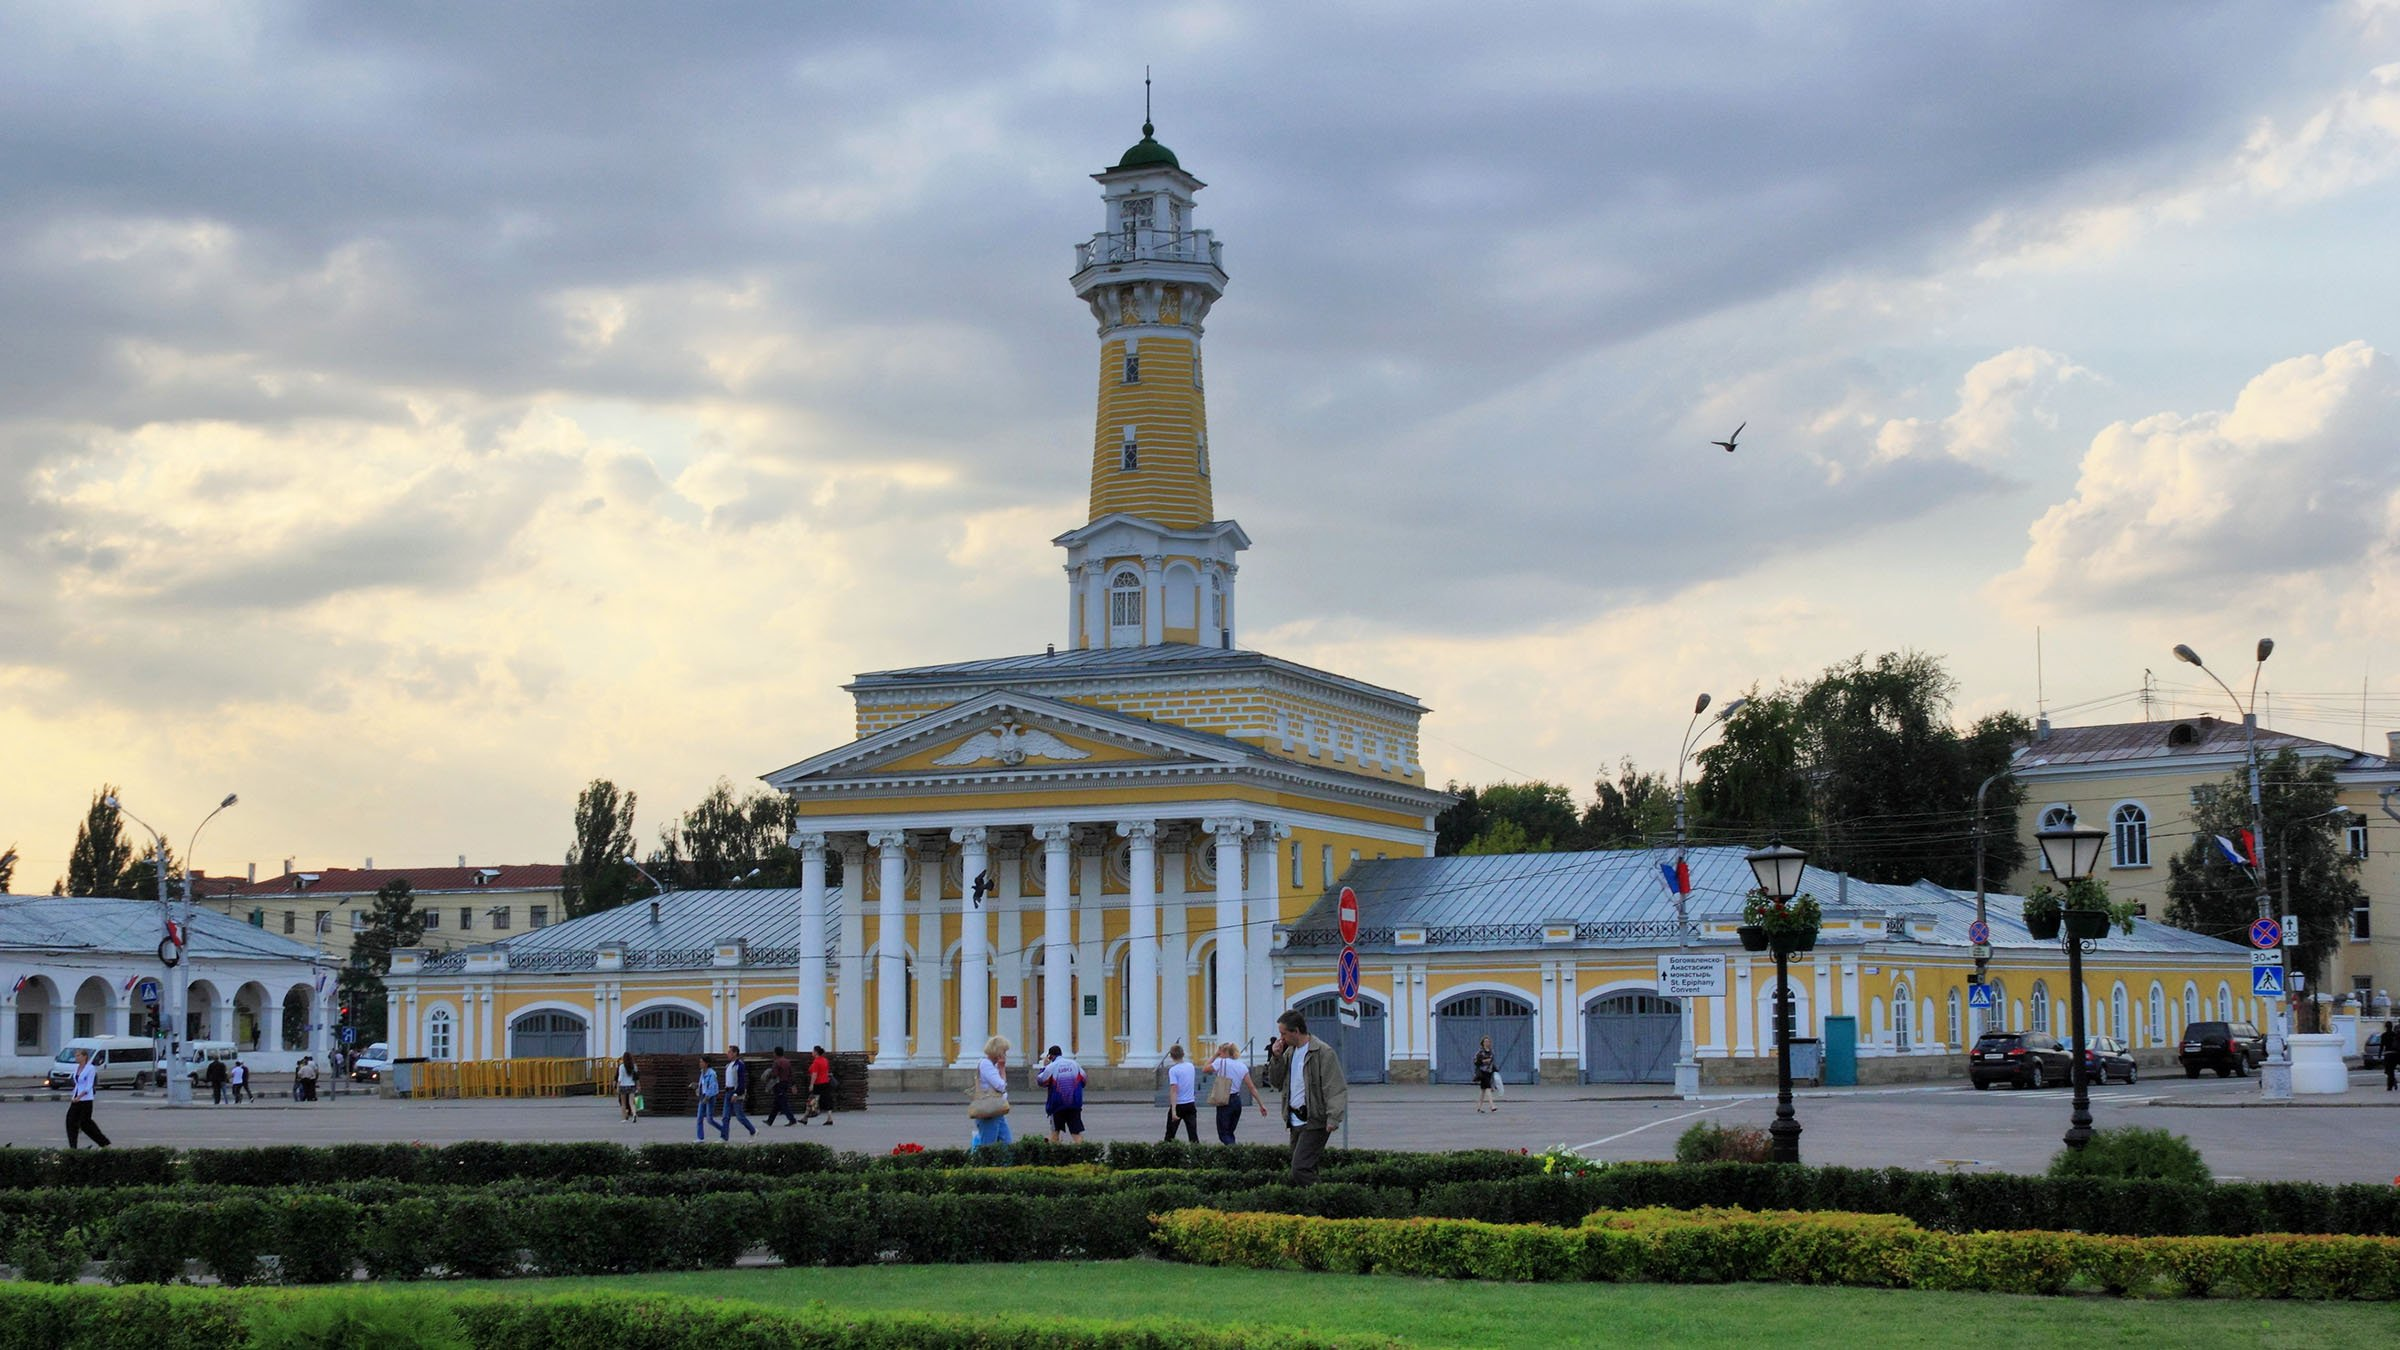 """Rusia es todo un extenso conjunto histórico milenario, que ha sido marcado por largas décadas que han visto marchar el paso de grandes imperios, vastos movimientos nómadas y hoy día una vibrante metrópoli capital! Asi que aquí encontrareis de todo lo que una aventura os pueda ofrecer en vuestros viajes! Para comenzar la capital Rusa, de Moscow famosa por sus impresionantes 20 torres de """"La Plaza Roja"""" además de ser la capital cosmopolitana comparada en belleza con San Petersburgo. Fuera de las modernas capitales, se encuentran un sinfín de pequeños pueblos de encanto e historia propia (a donde cualquier minibús os llevará como recorrido), como la comunidad del """"Anillo Dorado"""", Sergiyev Posad mejor conocido como Zagorsk, donde destaca el museo del juguete, bastante impresionante! Otros pueblos de interés son Sofrin,Rostov, Veliky, hermoso por sus vistas al lago Nero, Y Yaroslavl."""